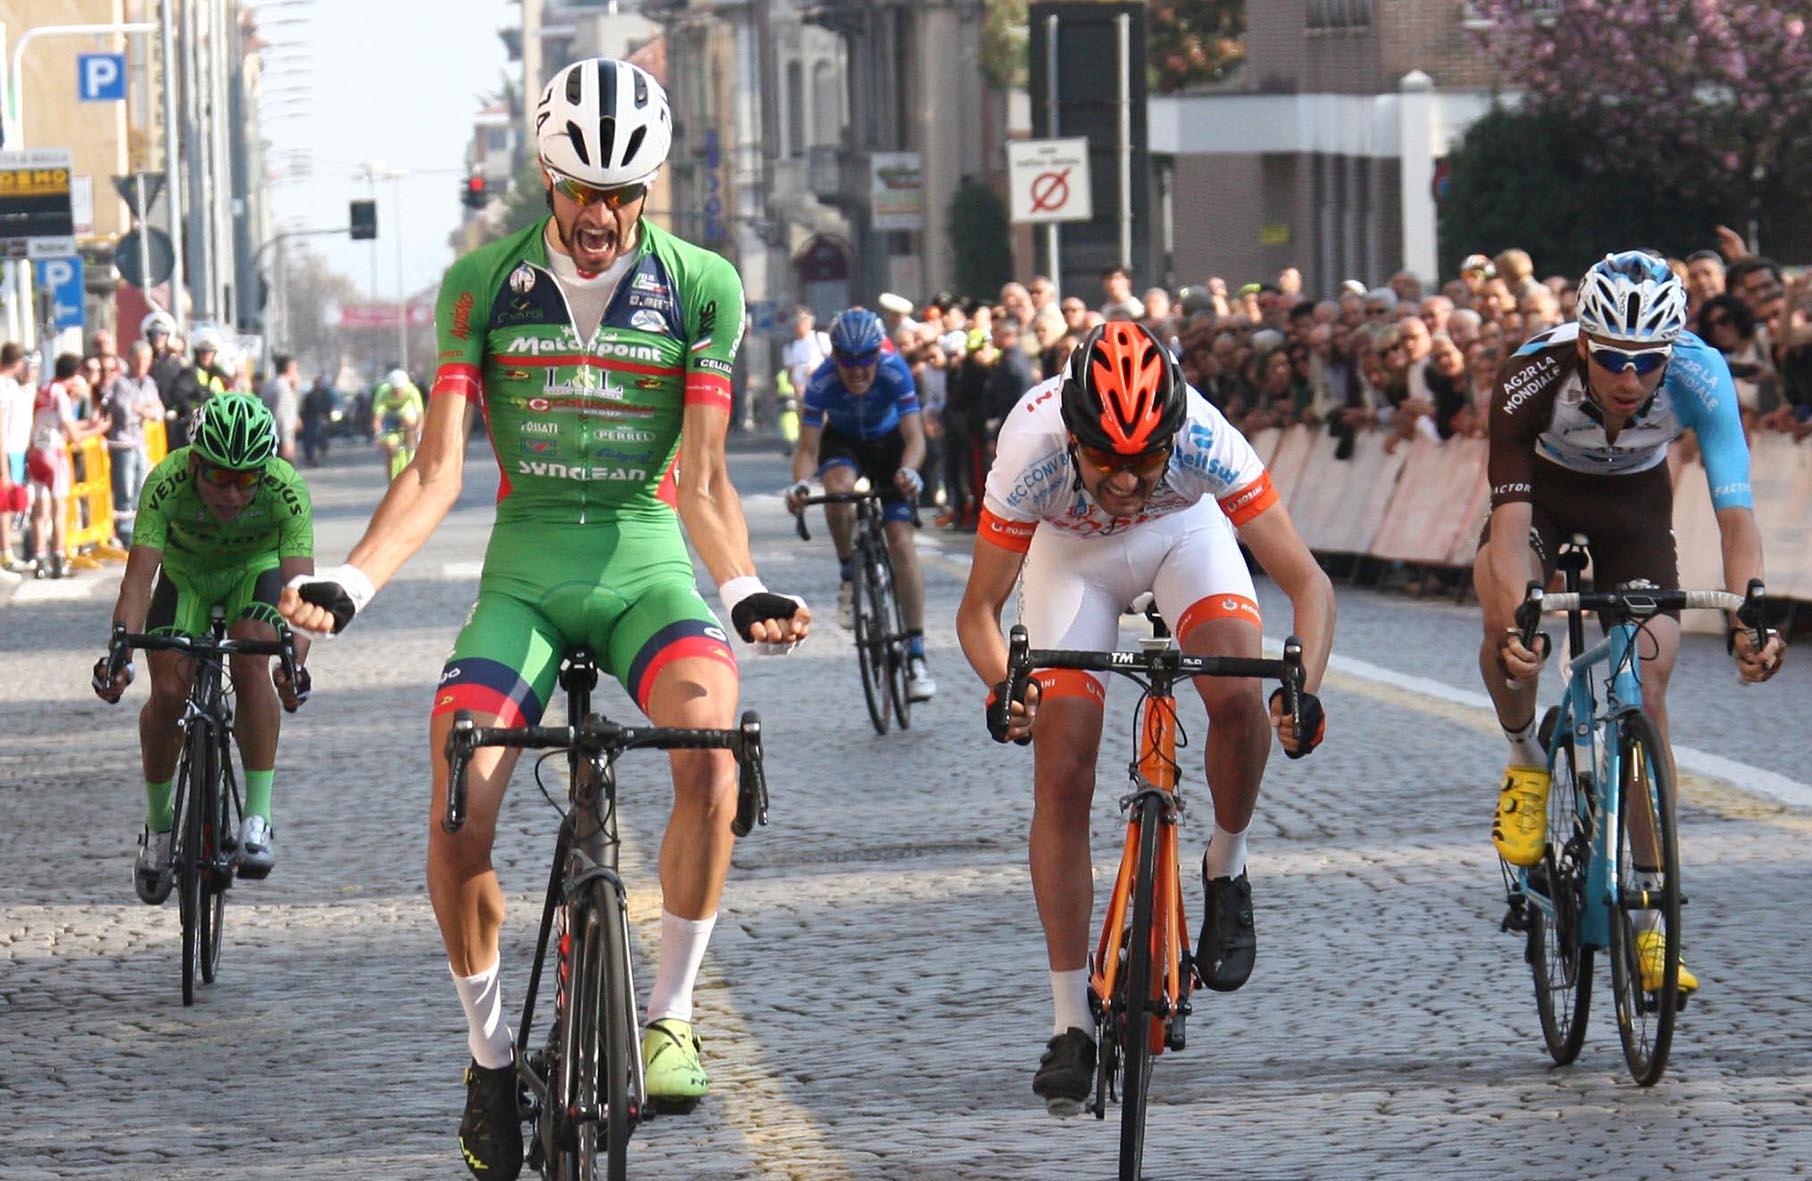 La vittoria di Luca Raggio a Biella